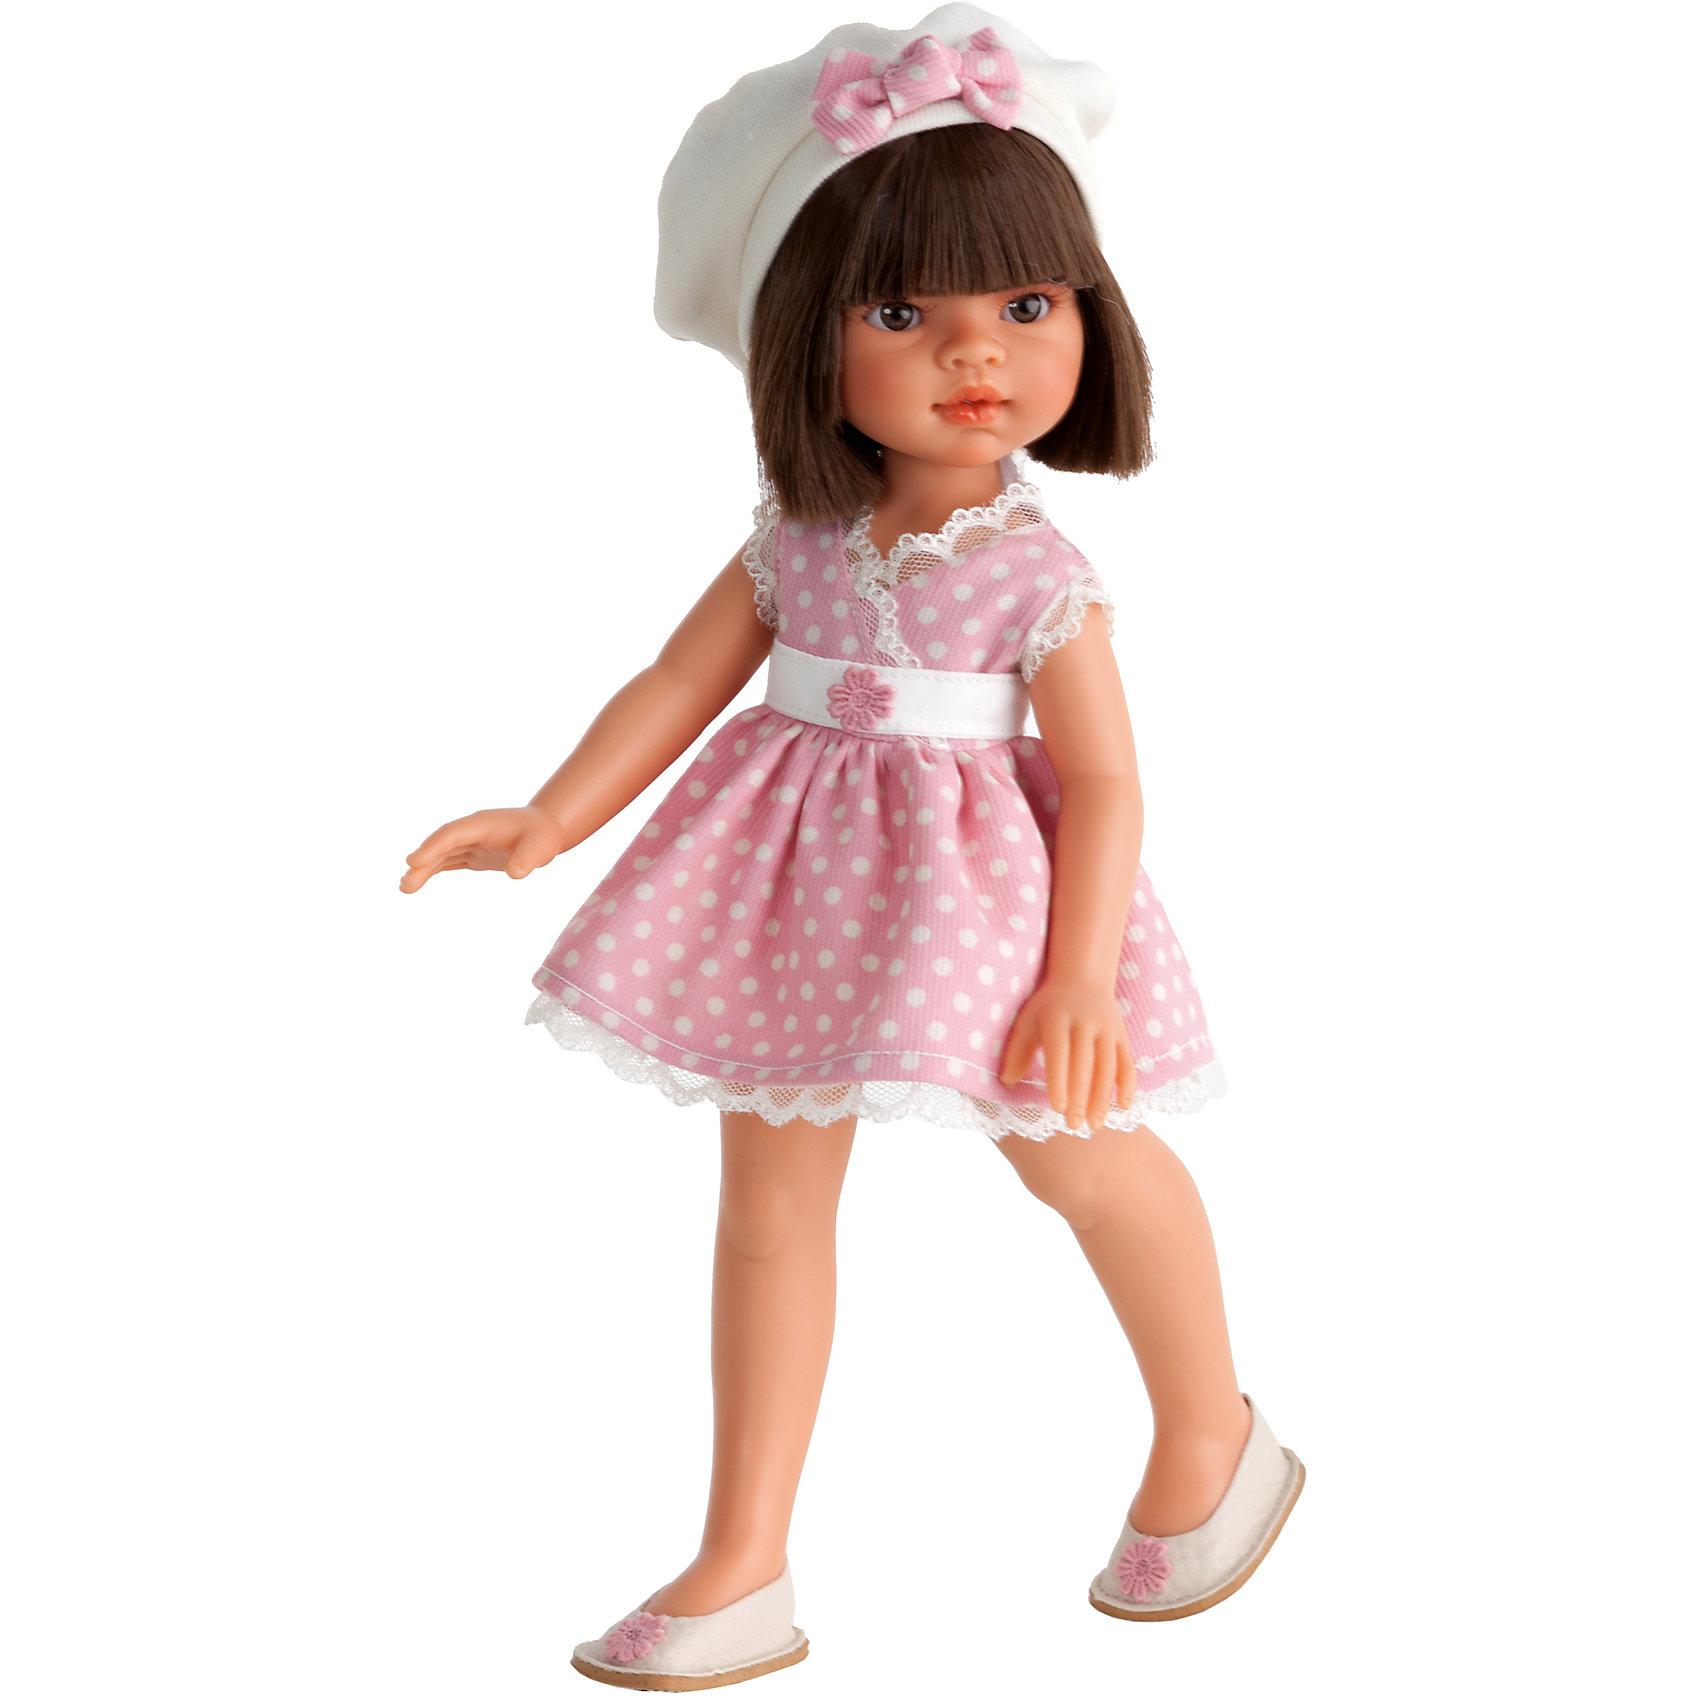 Munecas Antonio Juan Кукла Эмили, брюнетка, 33 см, Munecas Antonio Juan куклы gulliver кукла дынька 30см